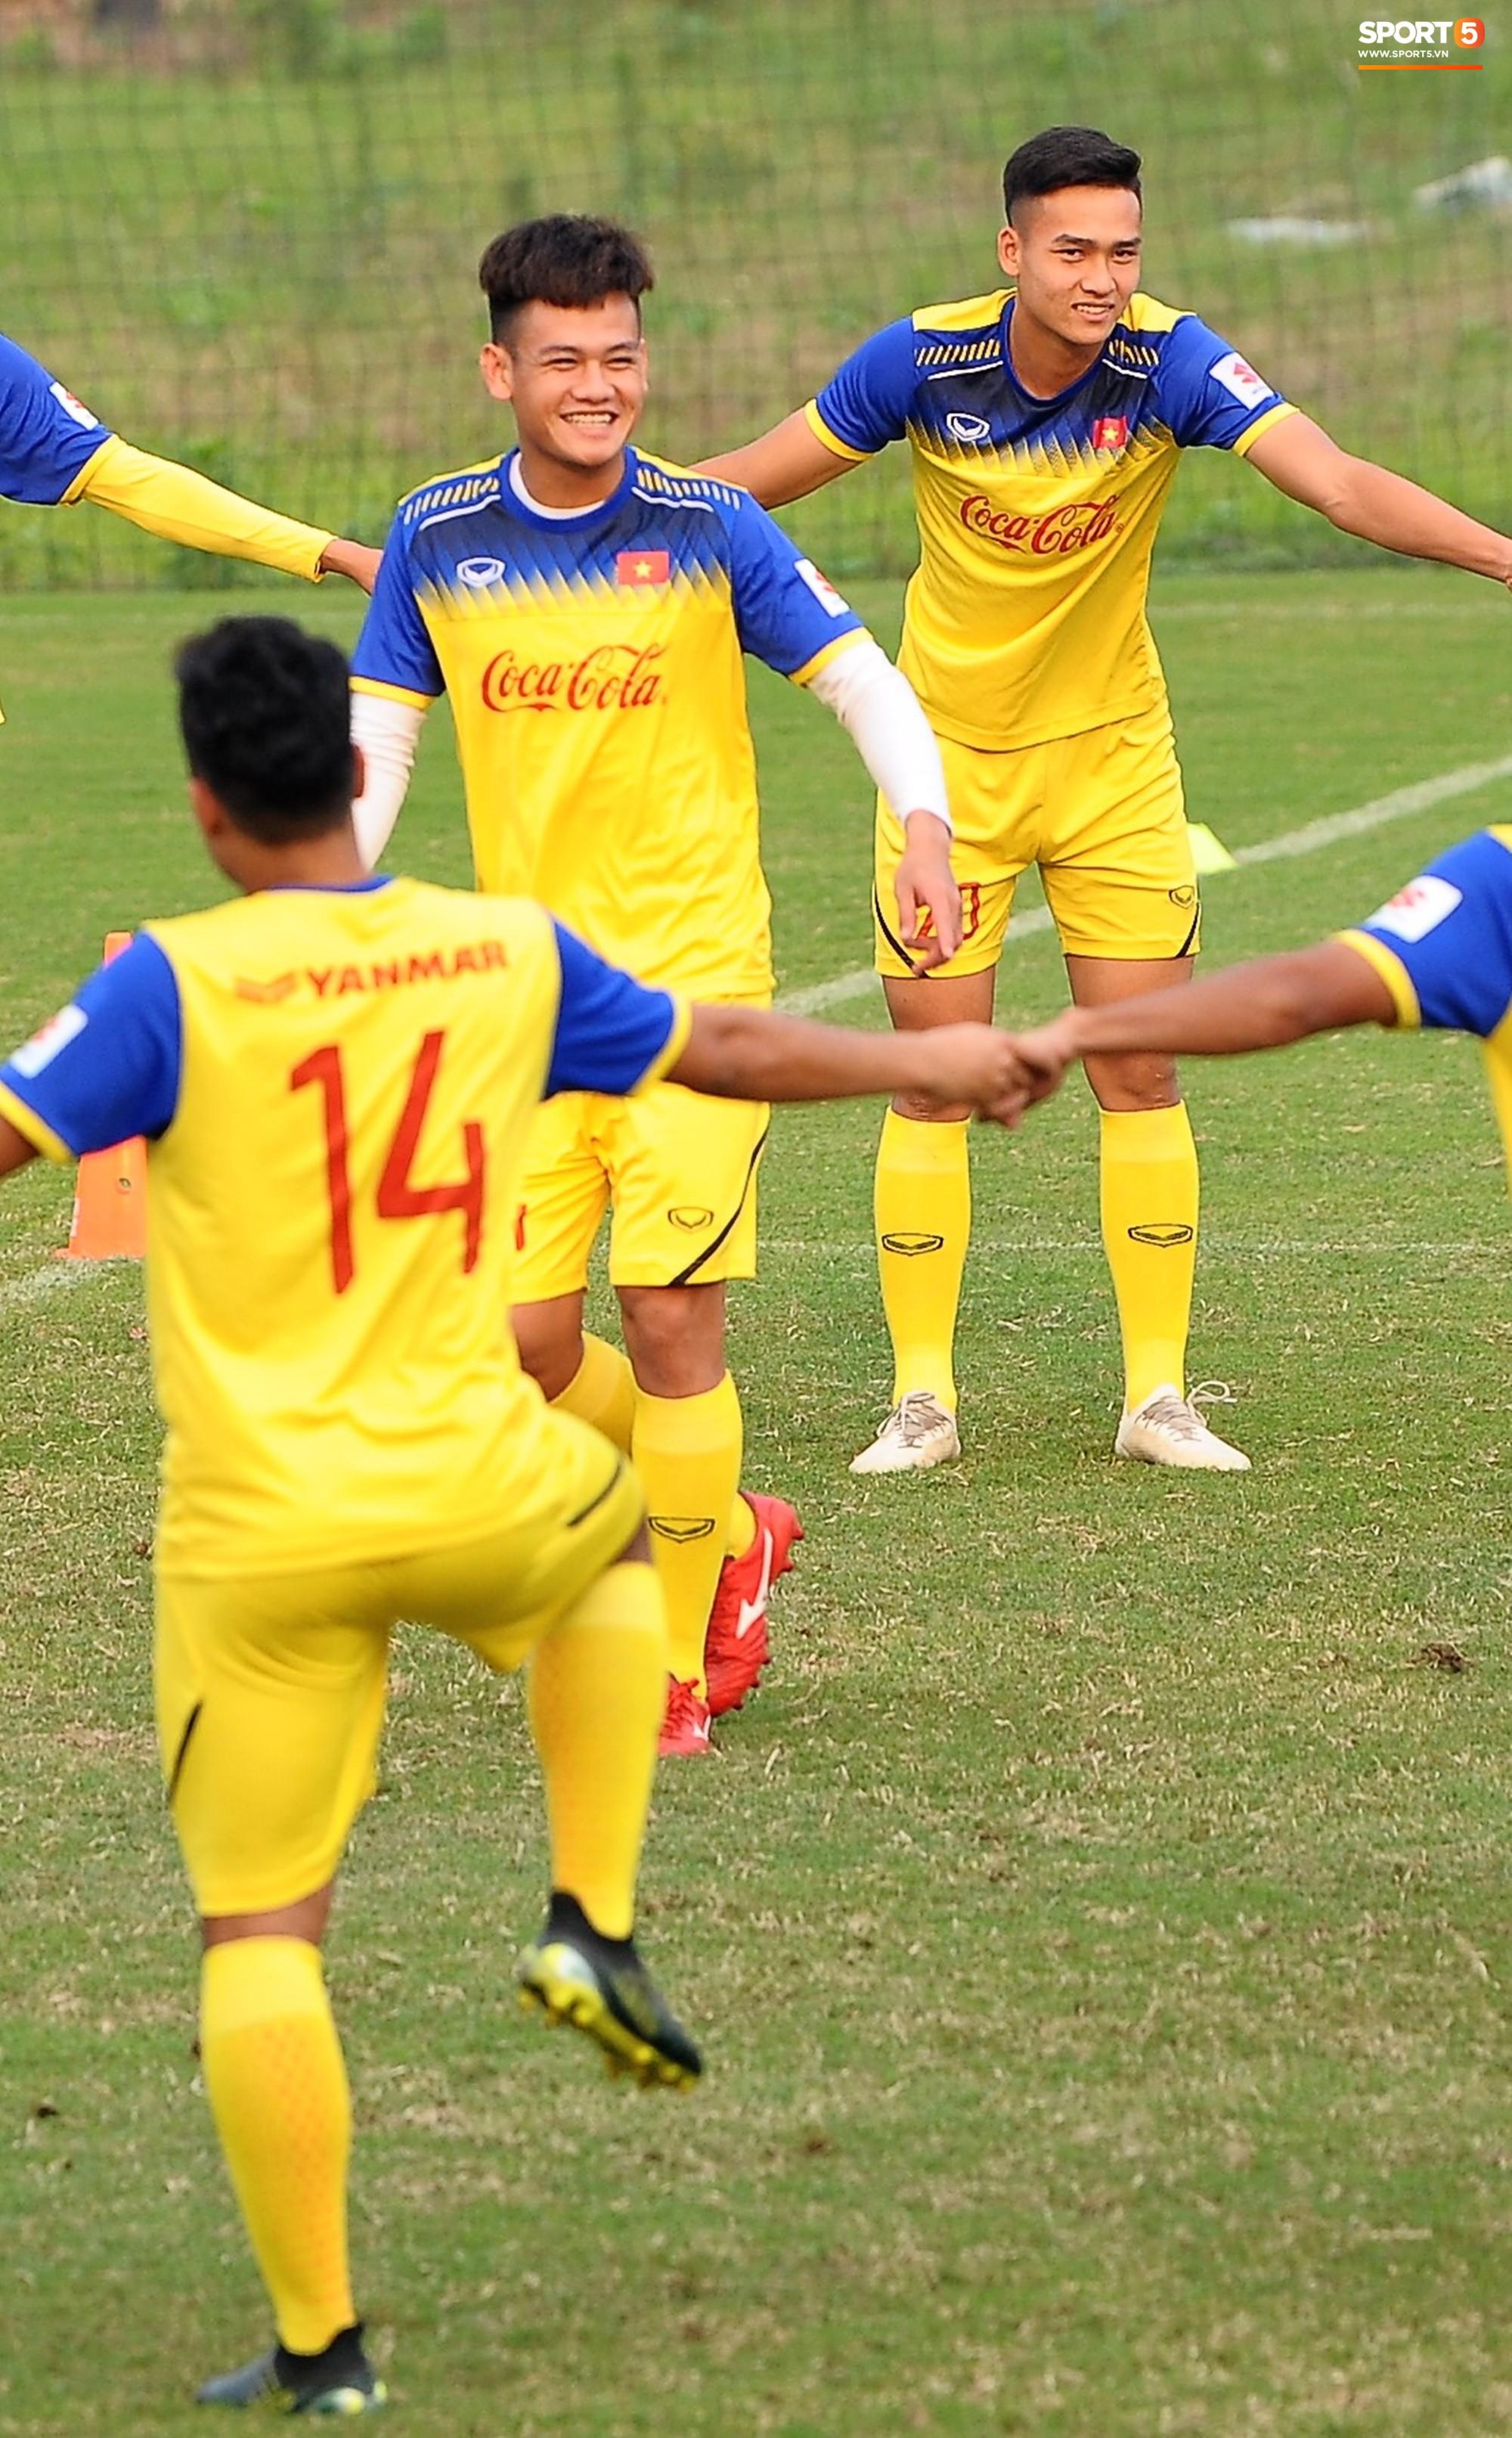 Đá ma mà cũng nắm chặt tay nhau thế này, bảo sao tuyển U23 Việt Nam luôn đoàn kết - Ảnh 4.